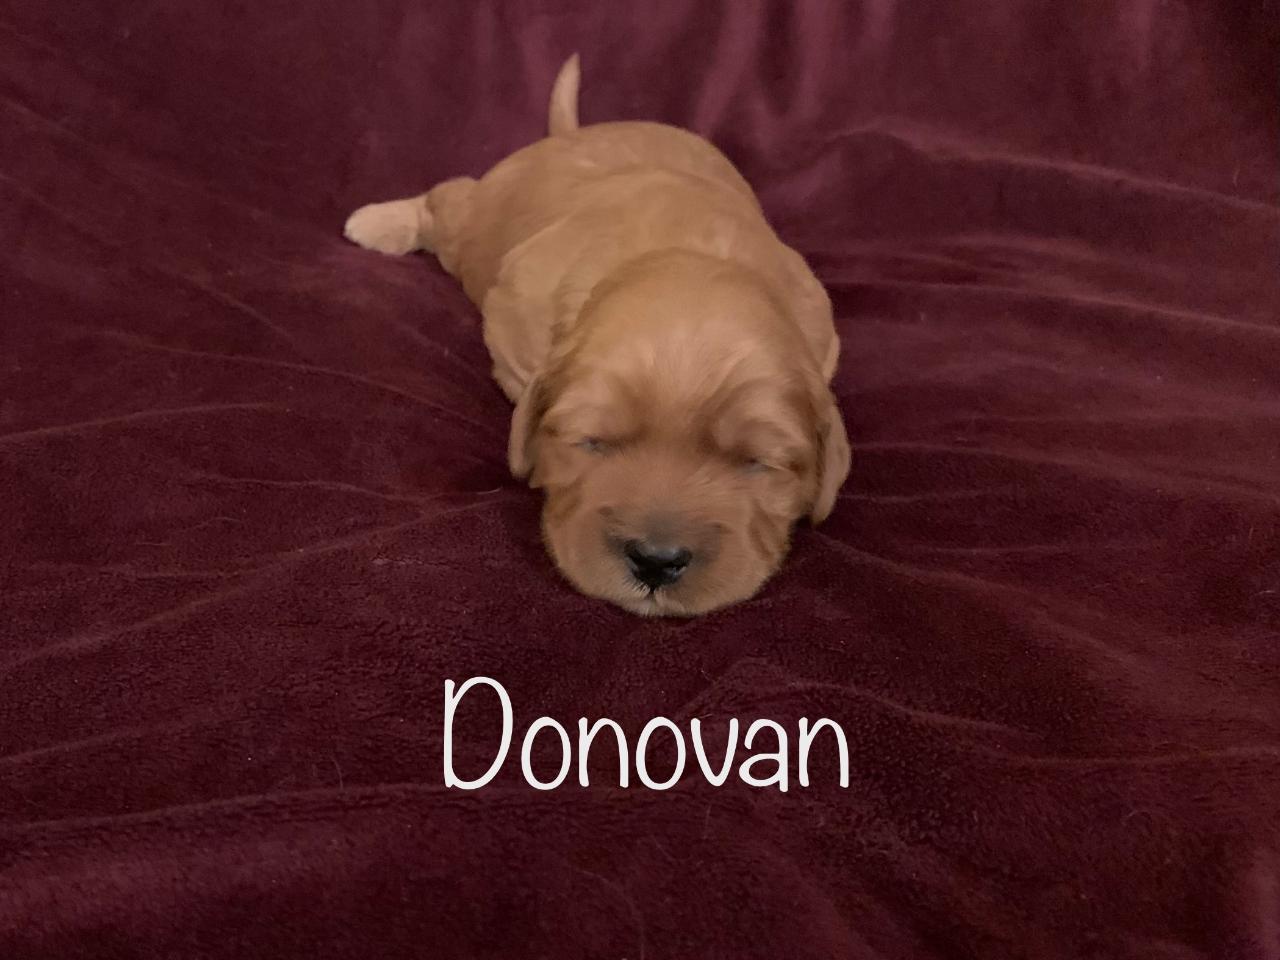 donovan-2 weeks